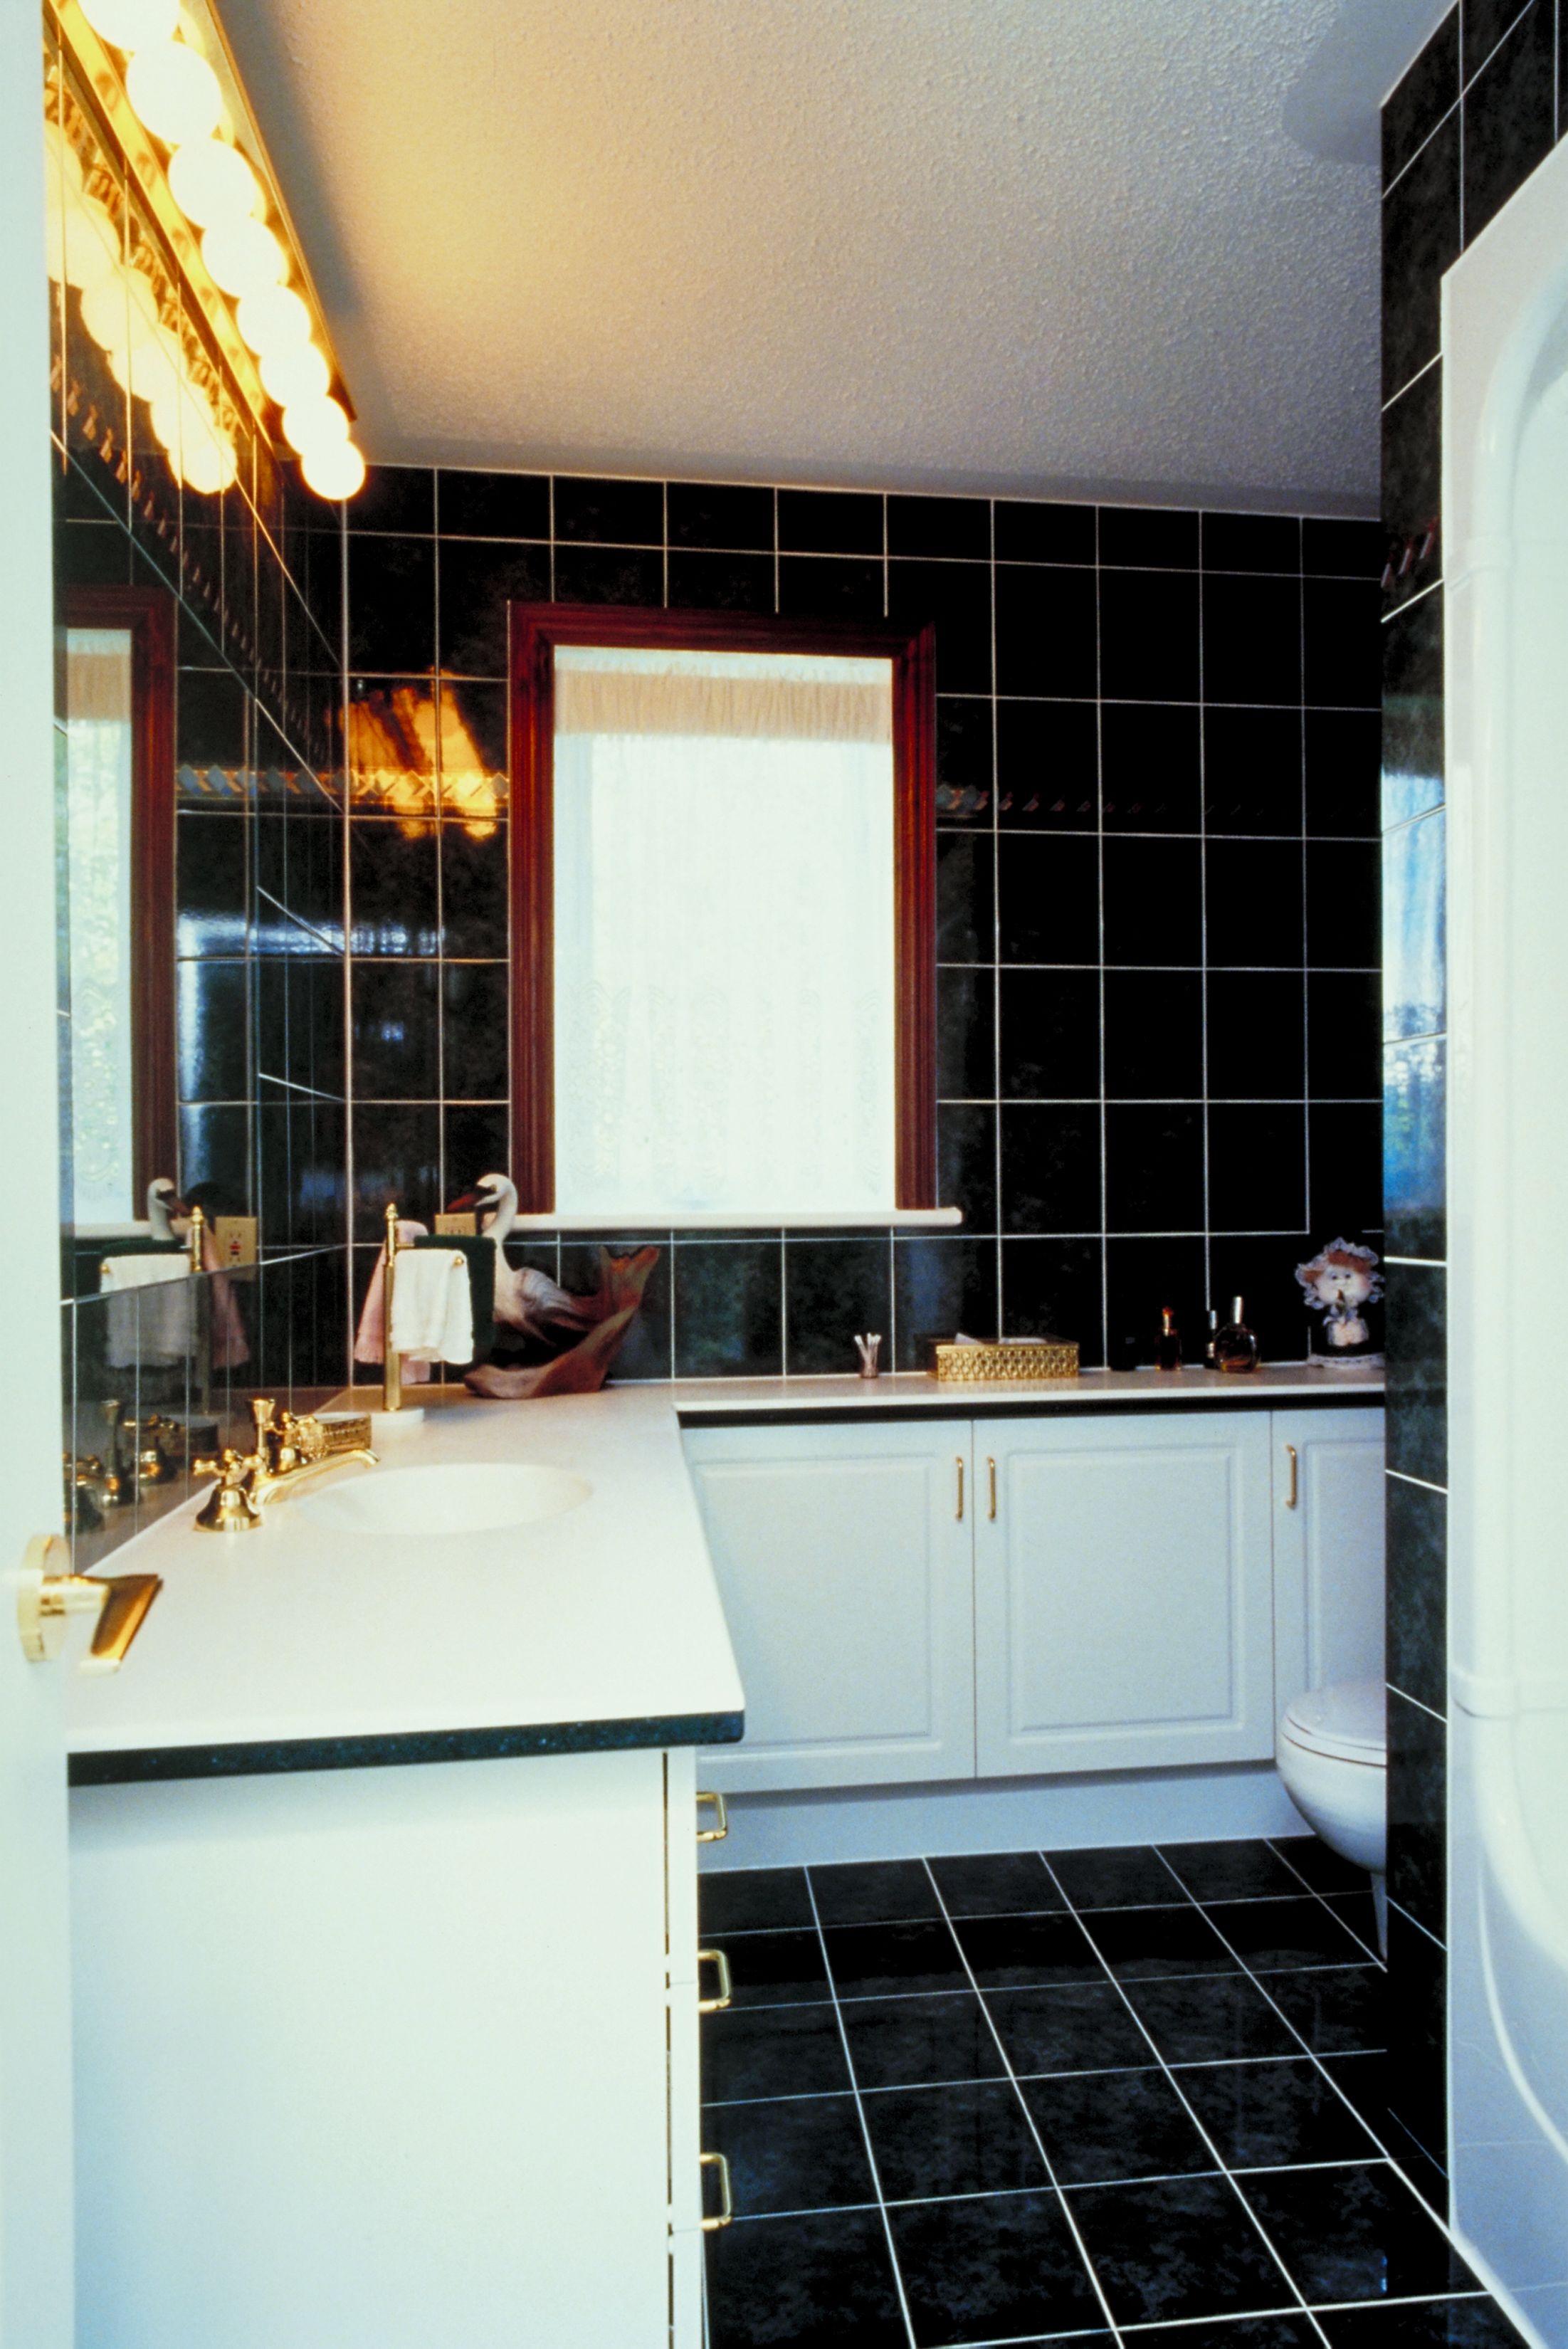 Limpiar azulejos cocina para queden brillantes perfect limpiar azulejos de la cocina en with - Trucos para limpiar azulejos de cocina ...